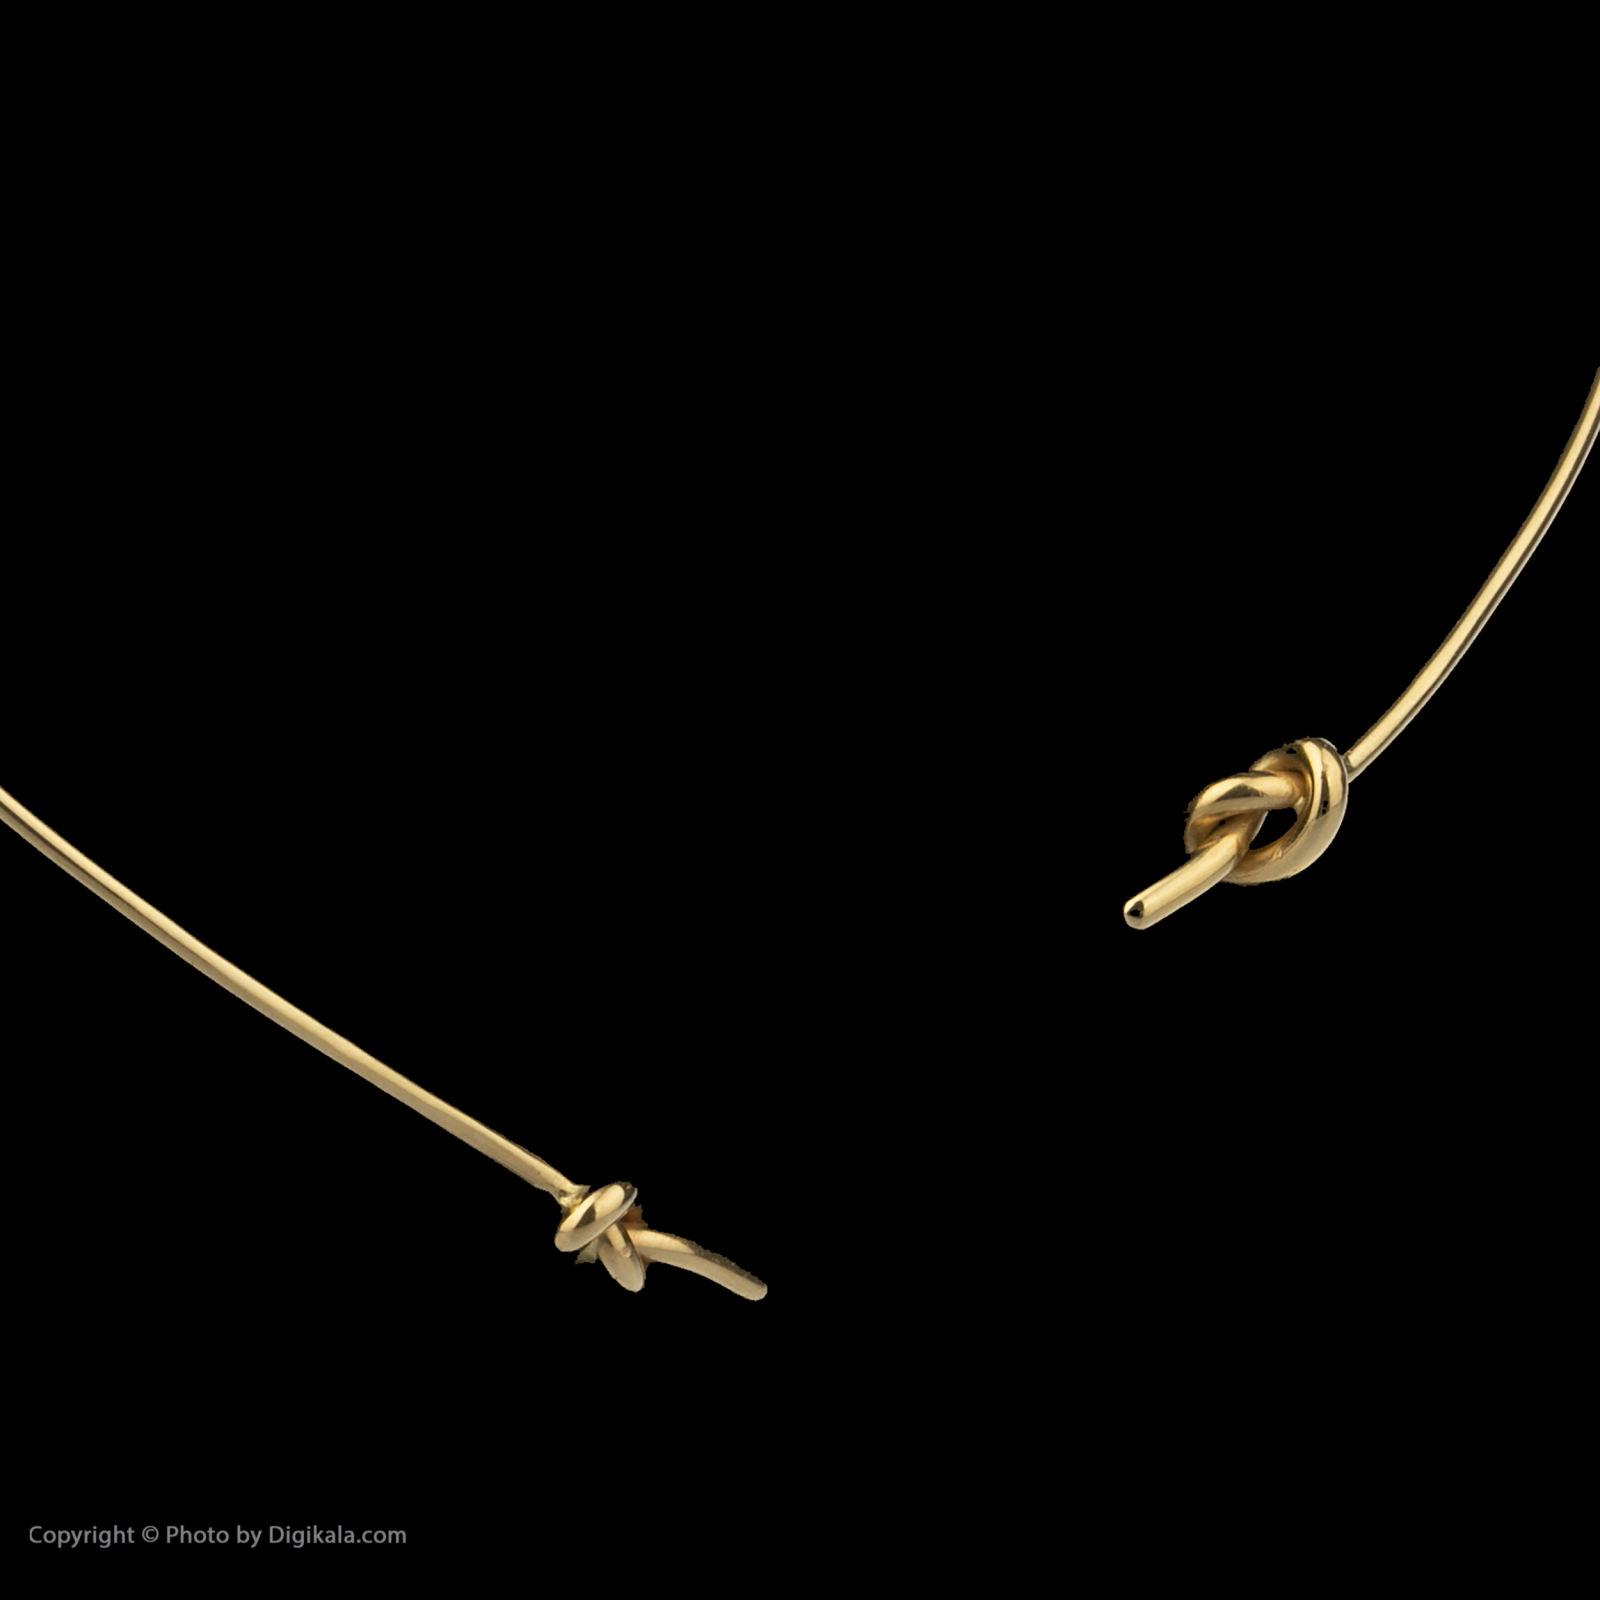 گردنبند طلا 18 عیار زنانه سنجاق مدل x026205 -  - 4